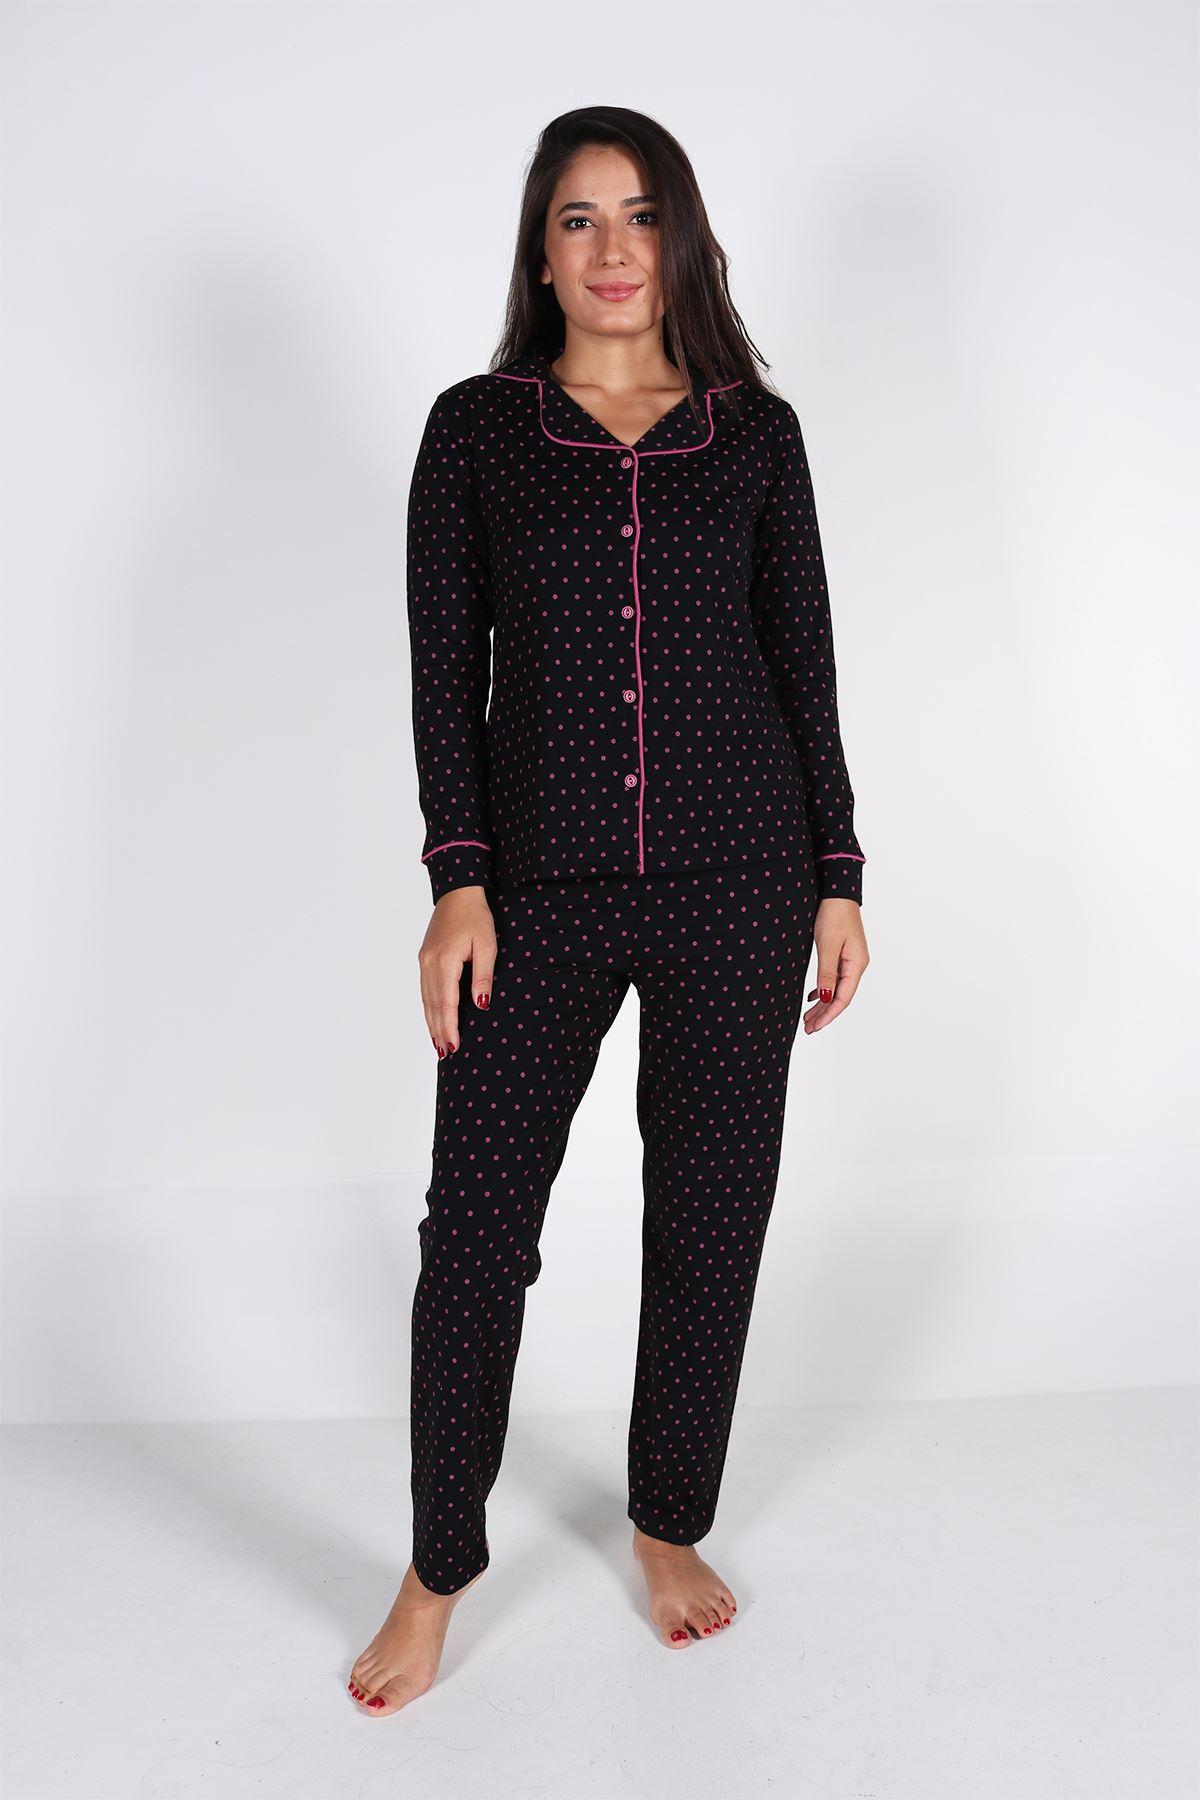 Malabadi Kadın Siyah Puantiyeli Düğmeli Uzun Kol Pijama Takımı 5007